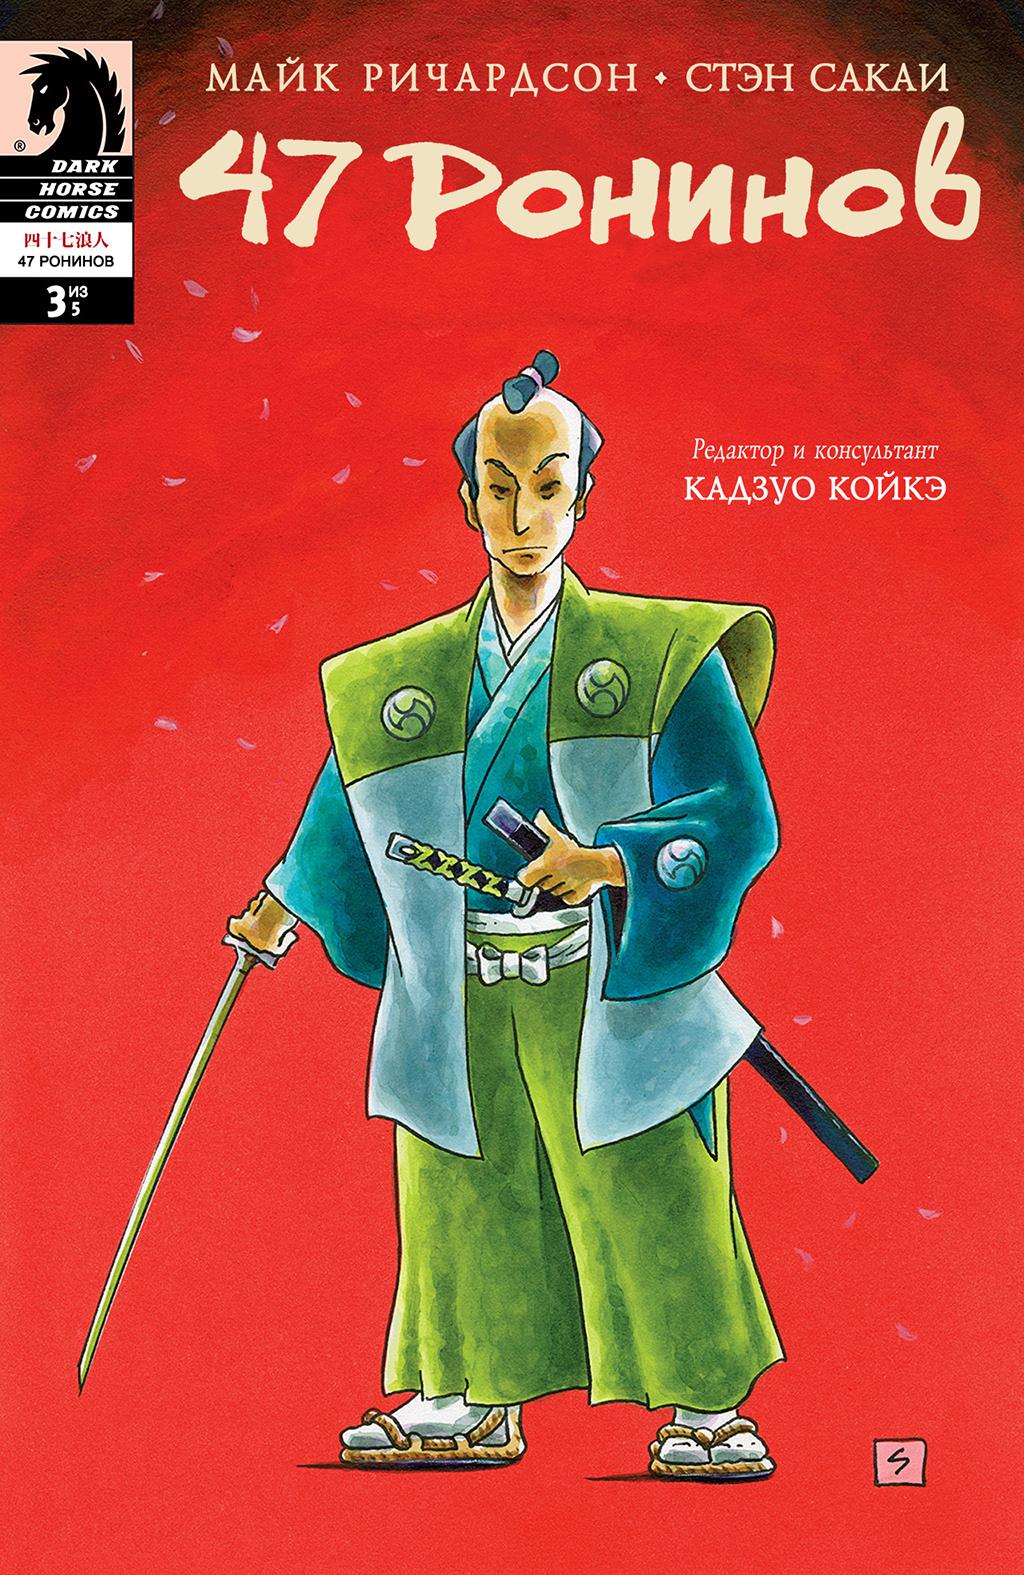 Комикс 47 Ронинов